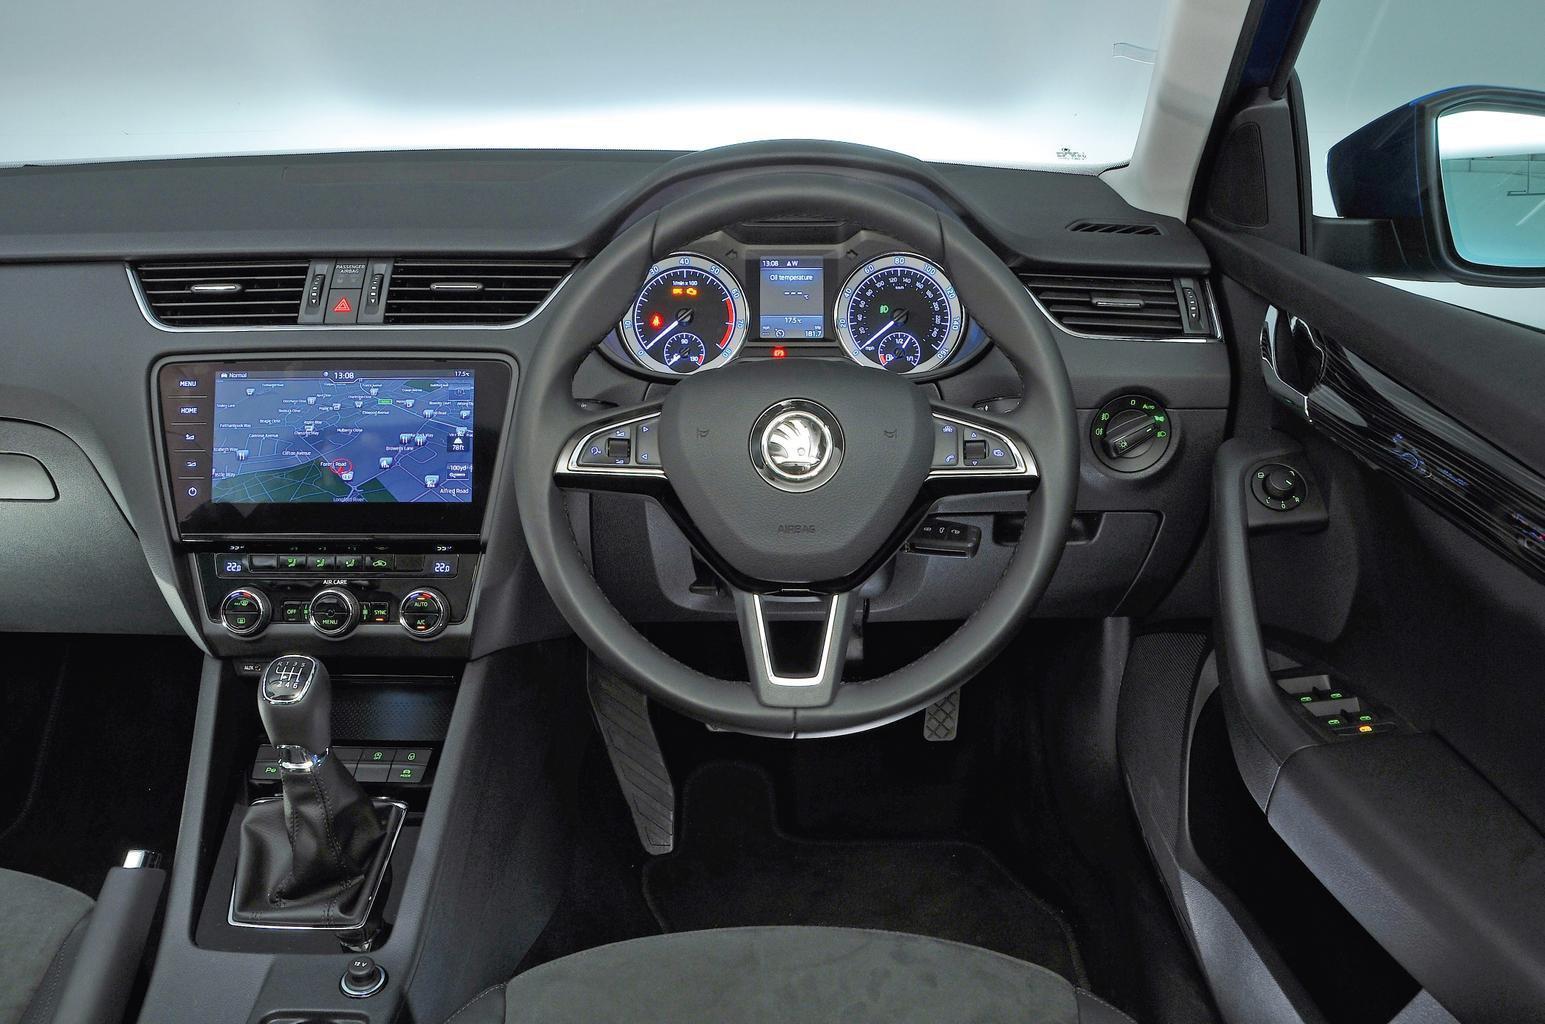 Skoda Octavia 1.5 TSI 150 SE L - interior